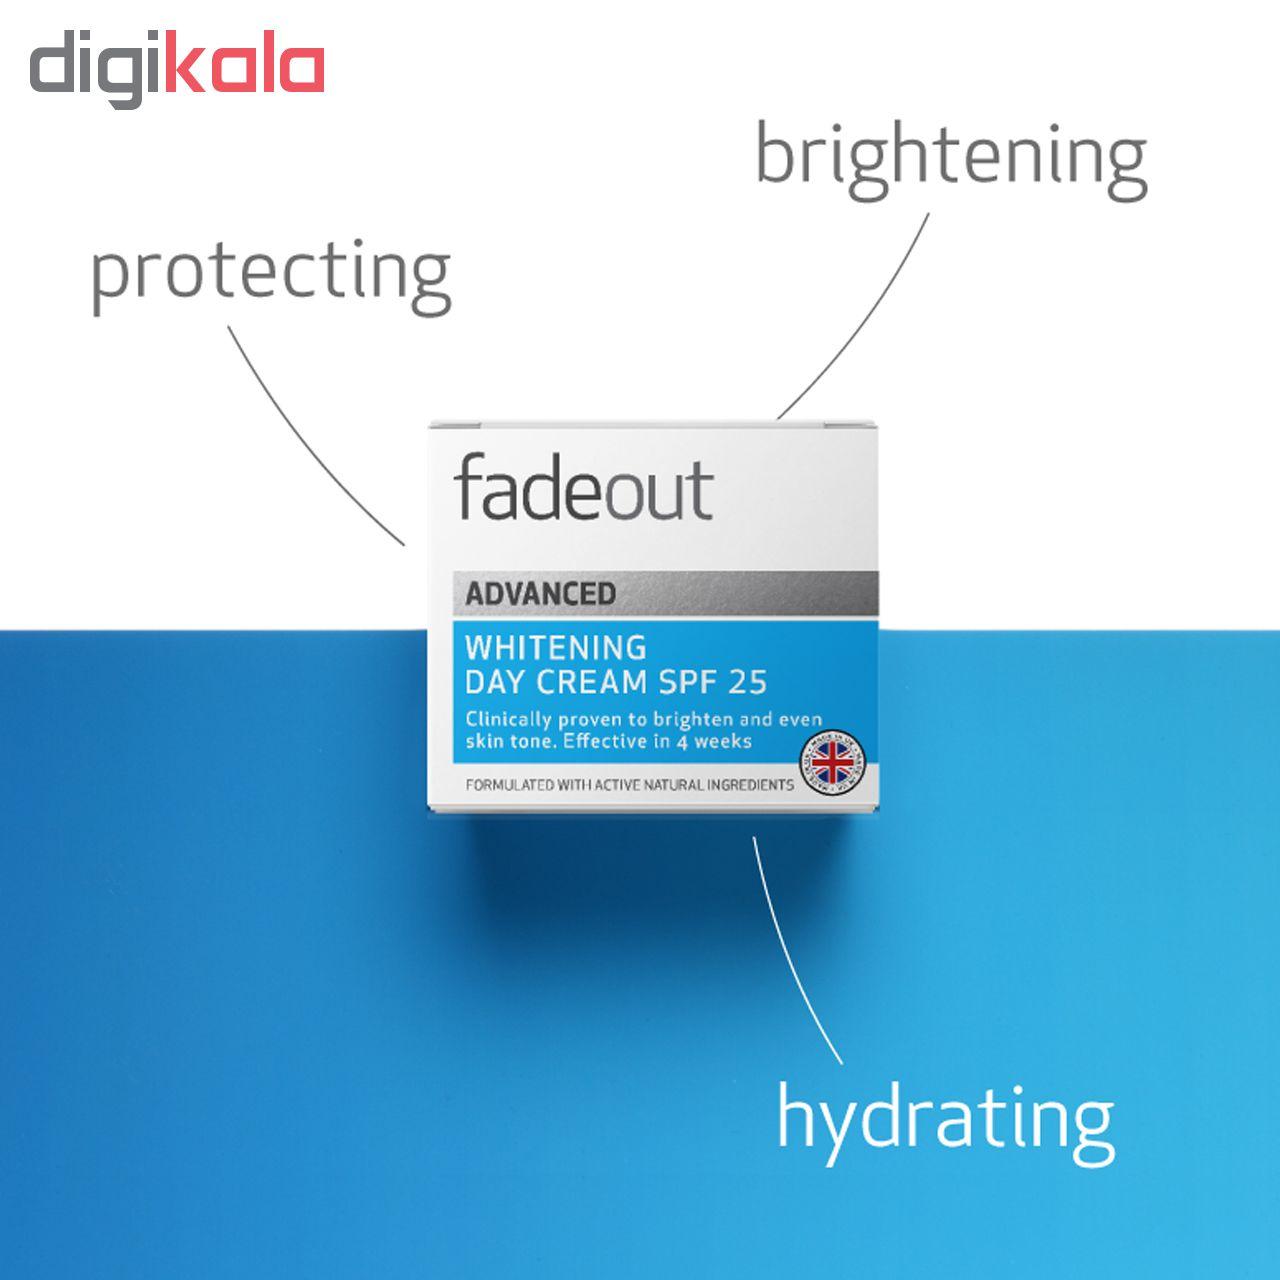 کرم ضد لک و روشن کننده  روز فیداوت با SPF25 مدلWHITENING  حجم 50 میلی لیتر